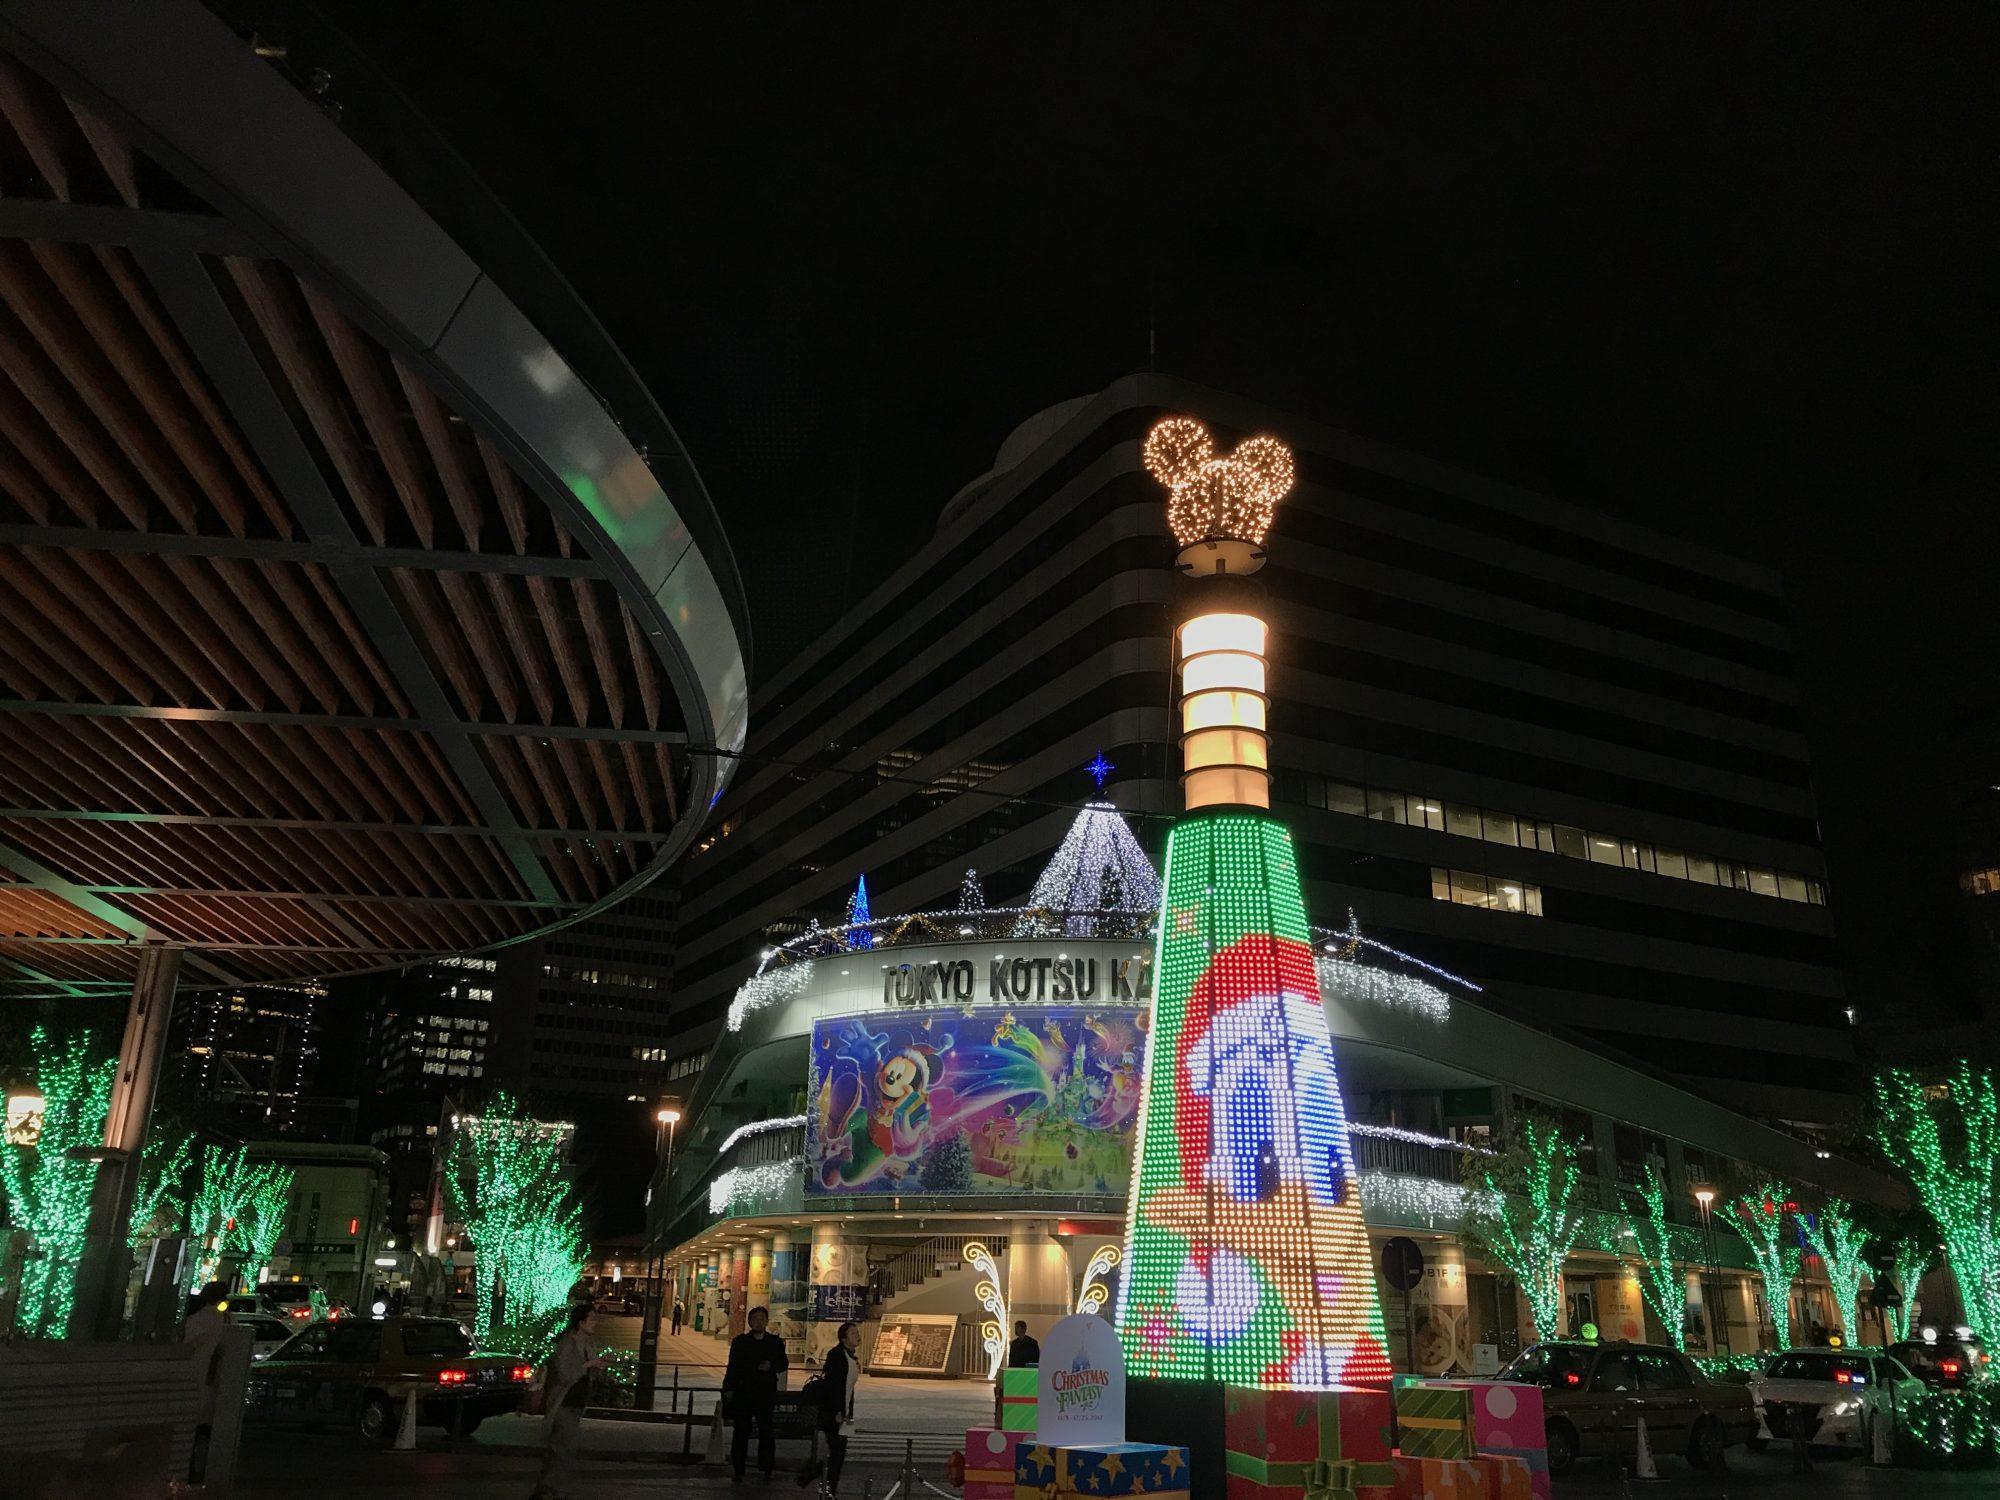 JR有楽町駅前のライトアップ